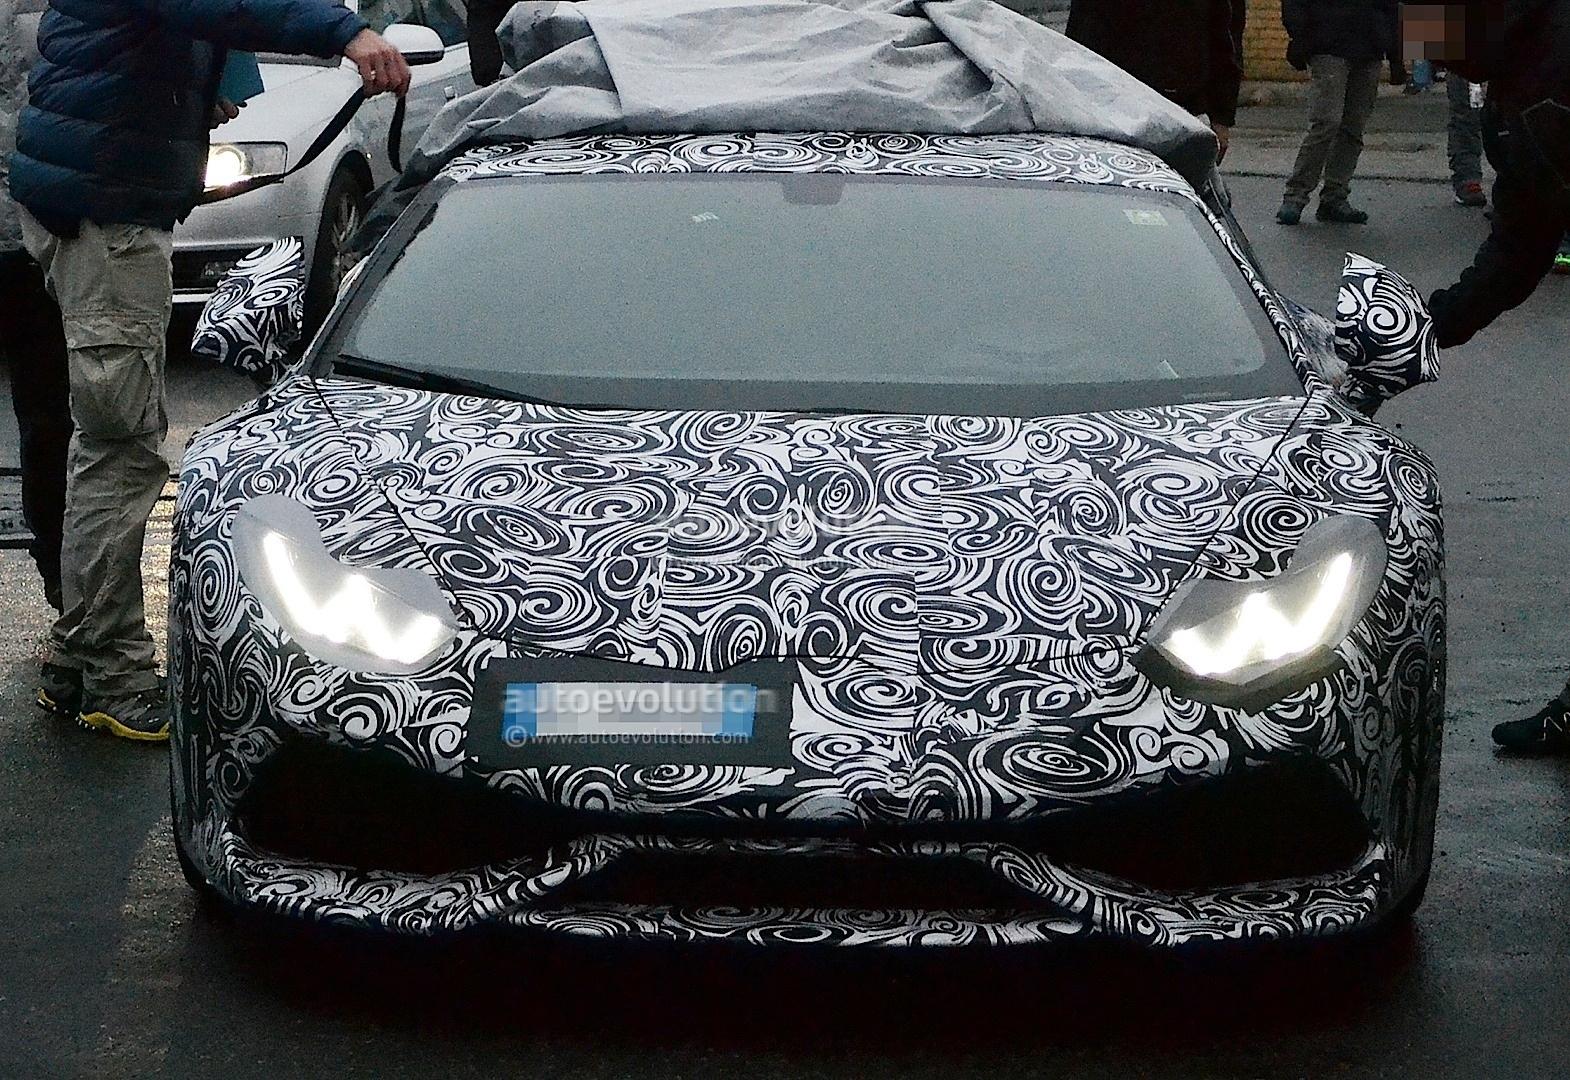 2013 - [Lamborghini] Huracán LP610-4  - Page 4 Lamborghini-cabrera-shows-retro-wheels-in-latest-spyshots-1080p-3